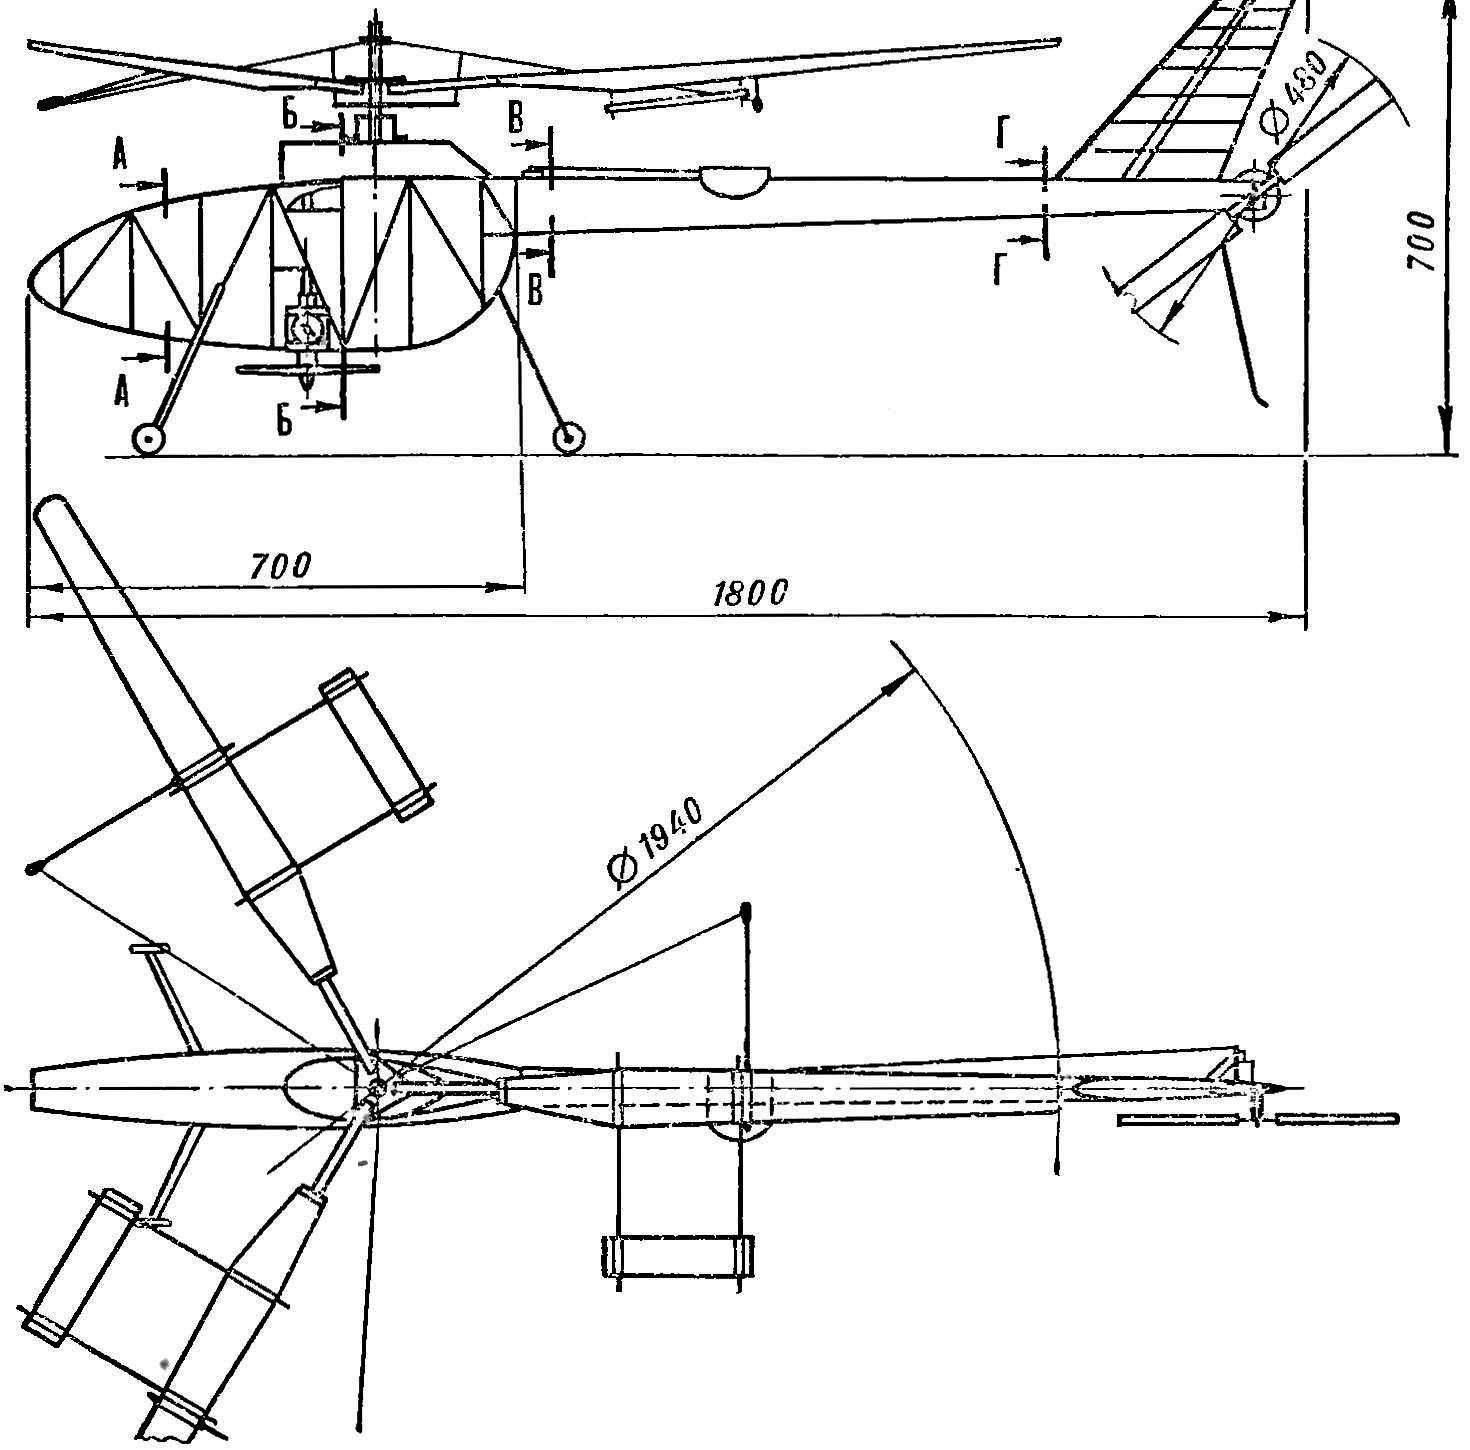 Рис. 1. Схема модели вертолета.